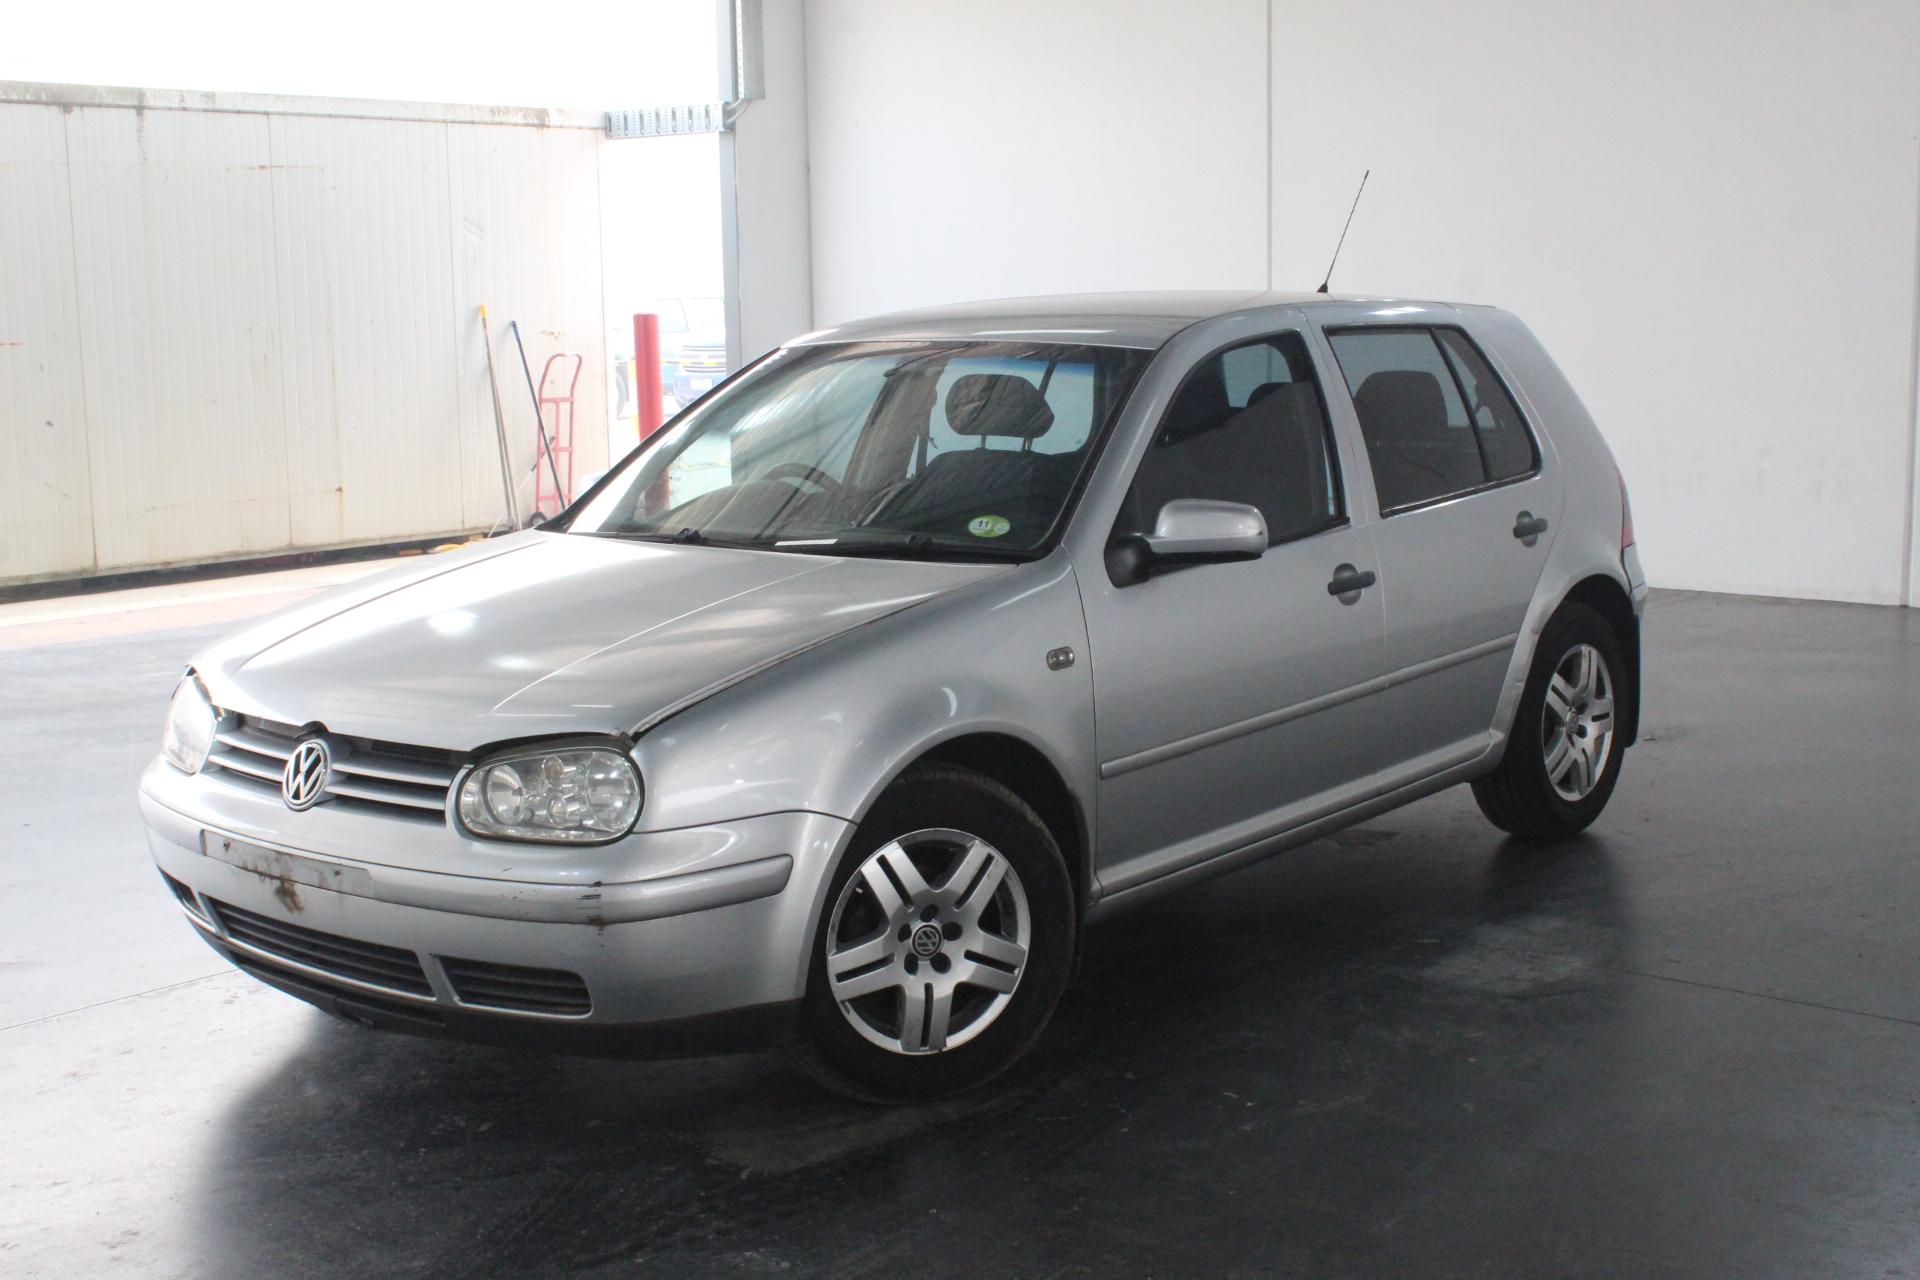 2003 Volkswagen Golf 1.6 Generation A4 Manual Hatchback